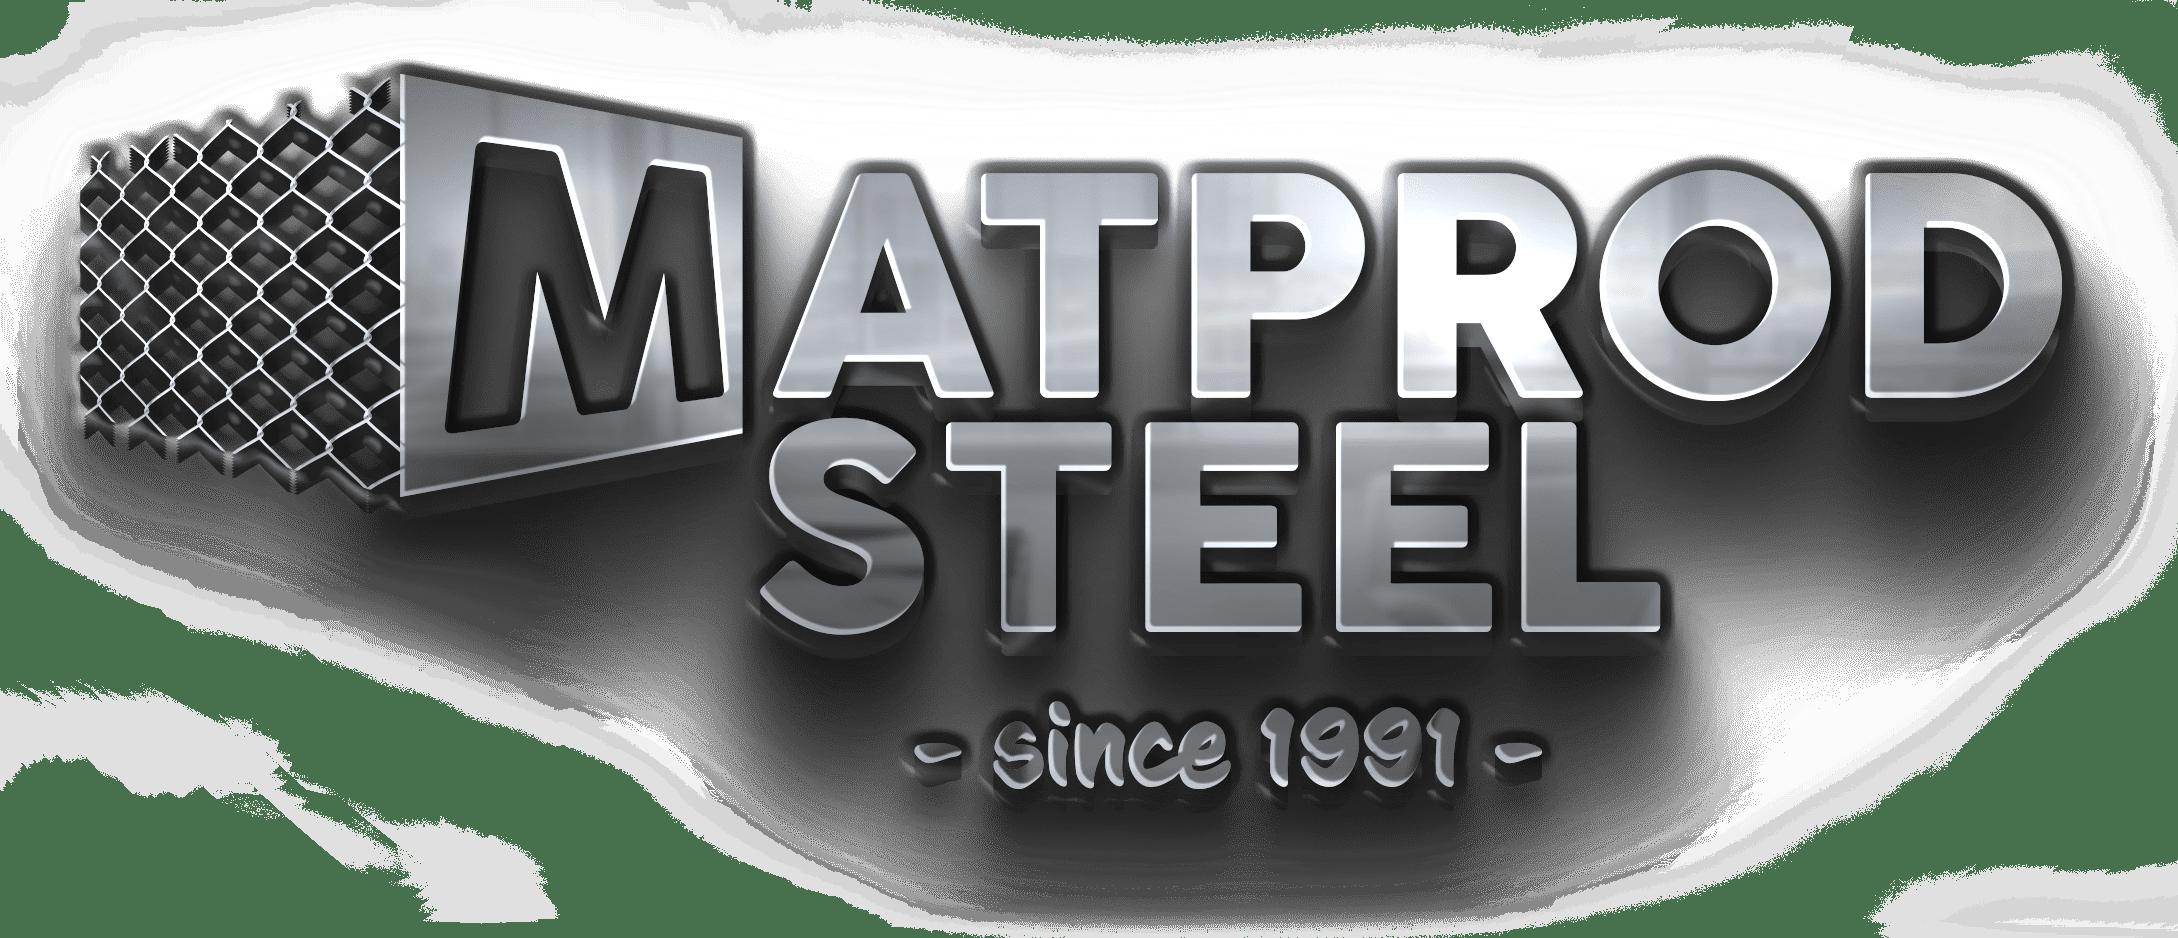 Matprod Steel